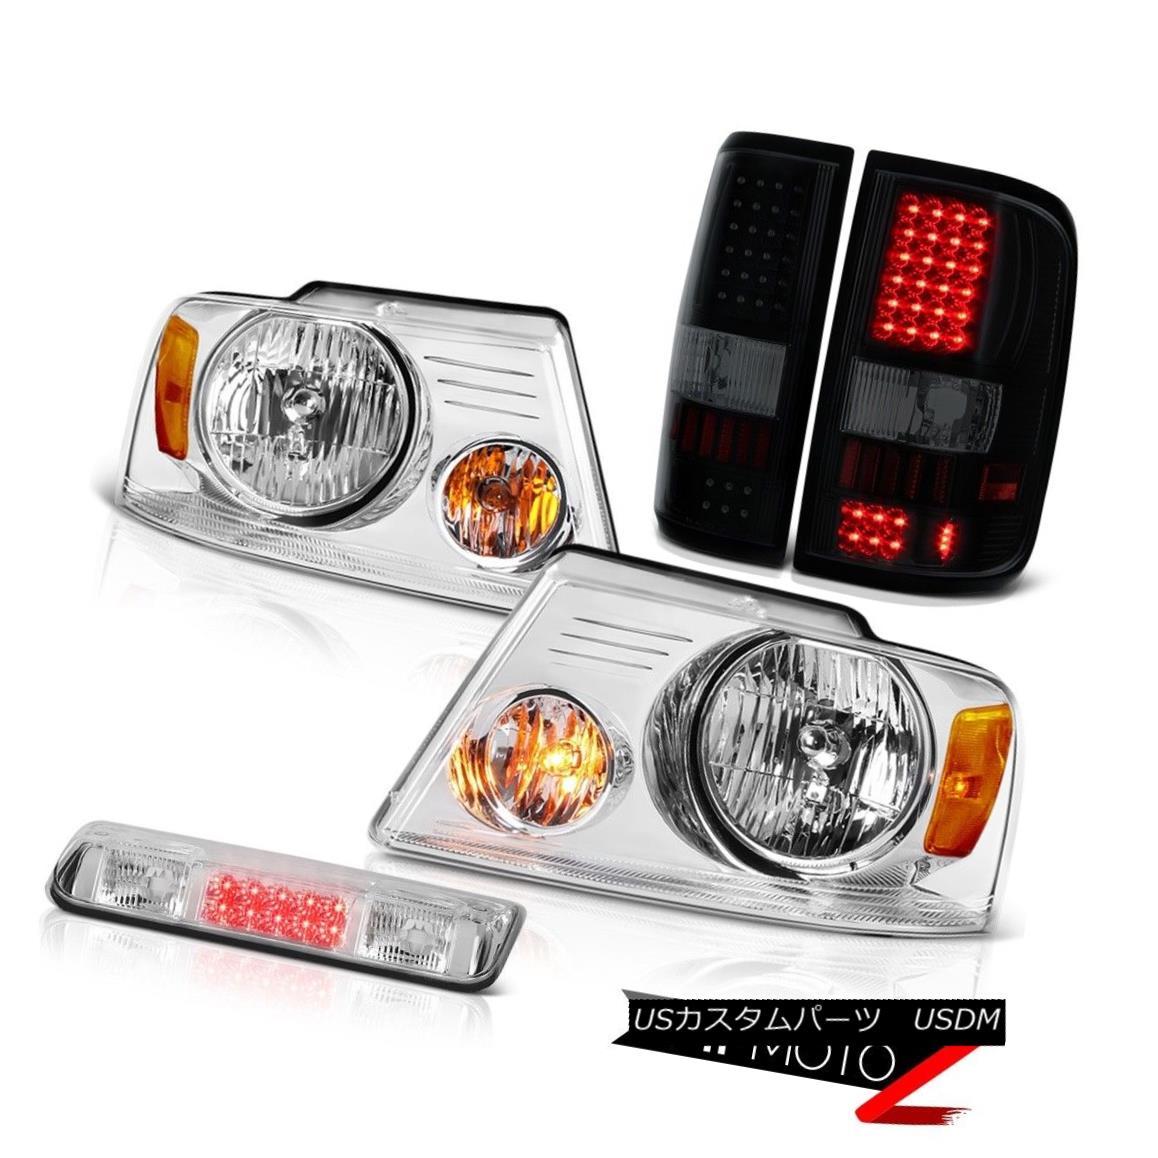 テールライト 04-08 Ford F150 XL High Stop Lamp Headlights Smoke Tinted Taillamps OE Style SMD 04-08 Ford F150 XLハイストップランプヘッドライトスモークティンテッドタイランプOEスタイルSMD